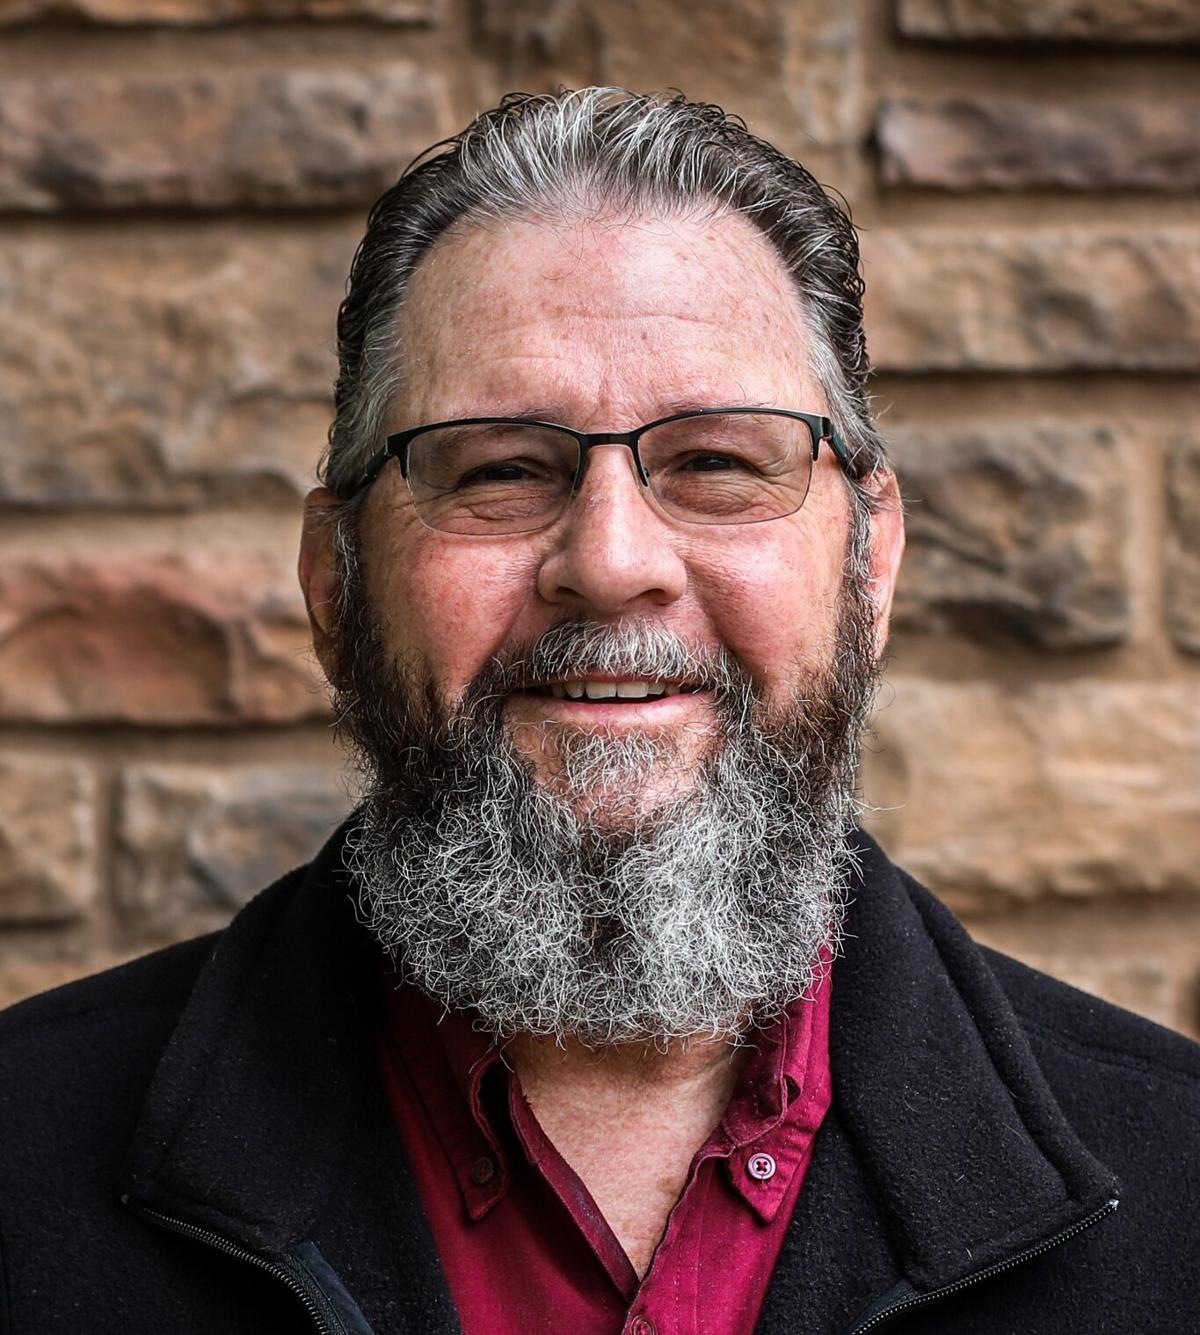 Dan Toland, River Falls mayor